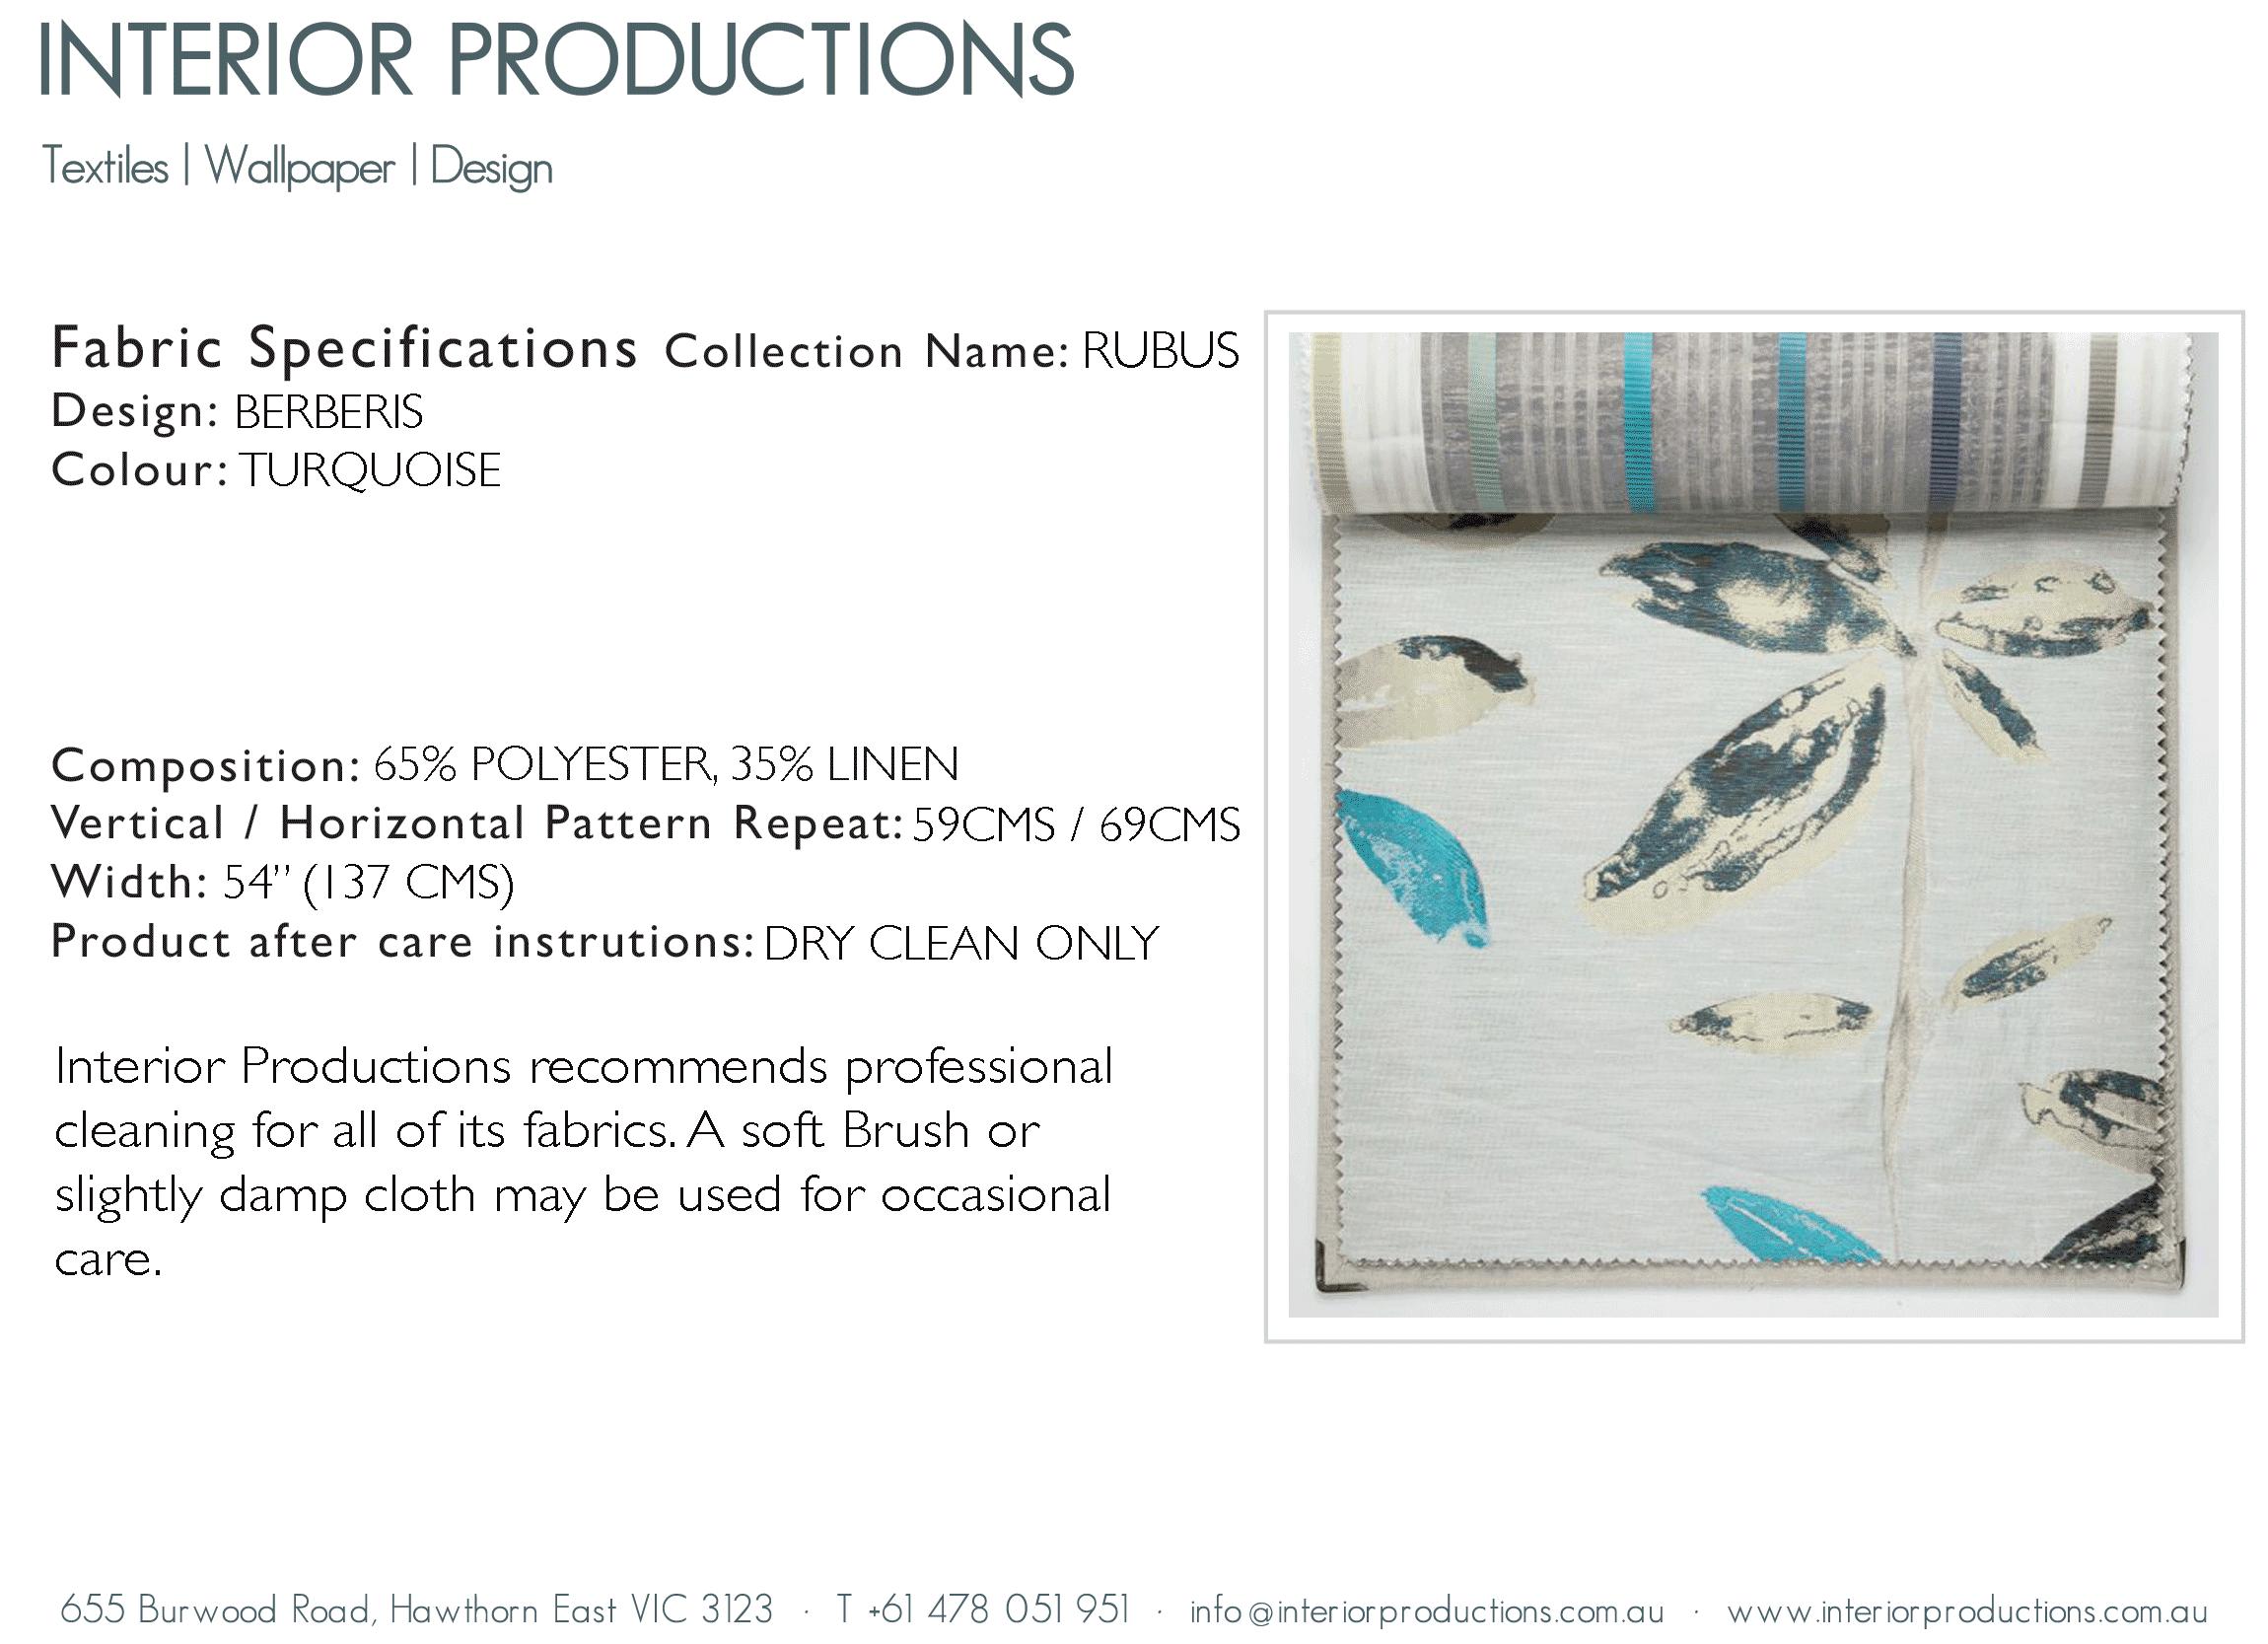 interior_productions_BERBERIS---TURQUOISE